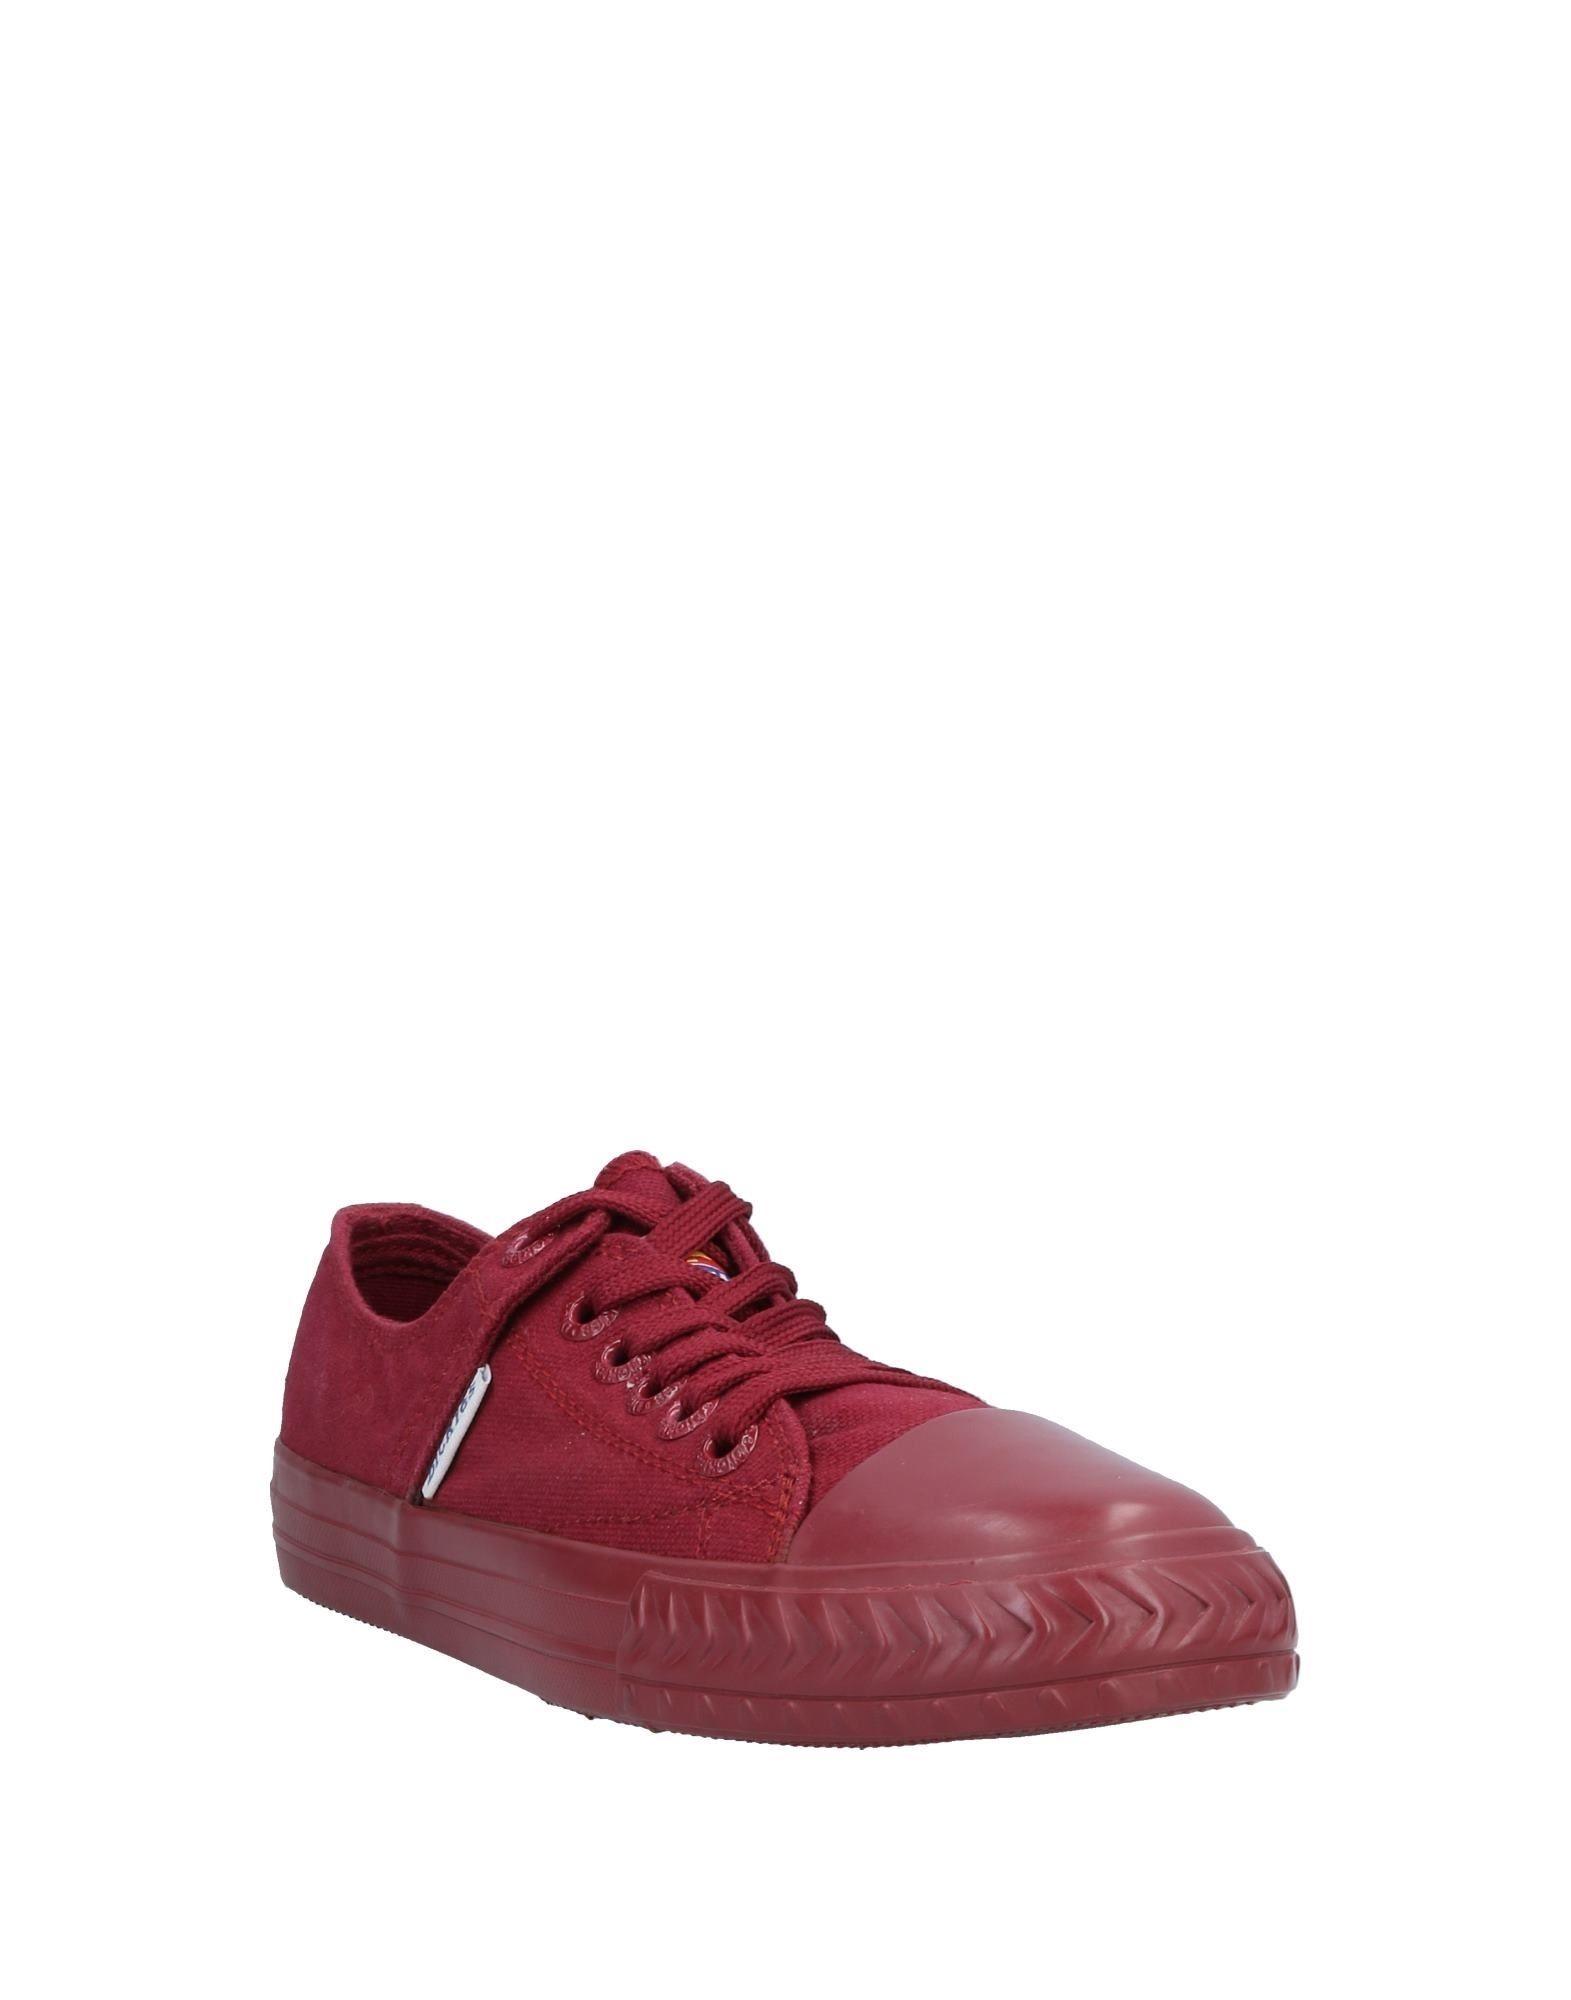 Dickies Maroon Sneakers